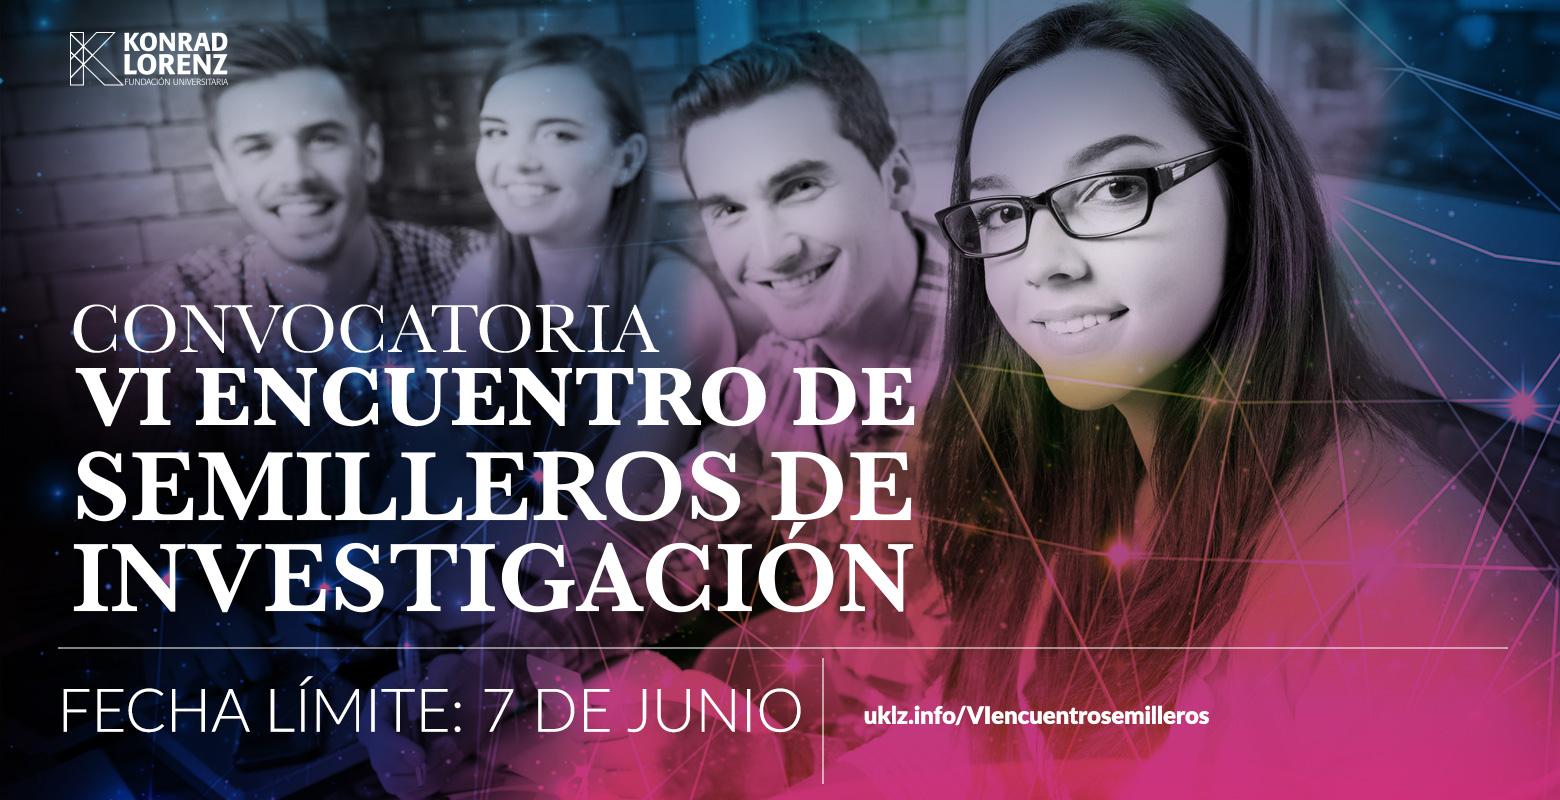 CONVOCATORIA: VI ENCUENTRO DE SEMILLEROS DE INVESTIGACIÓN